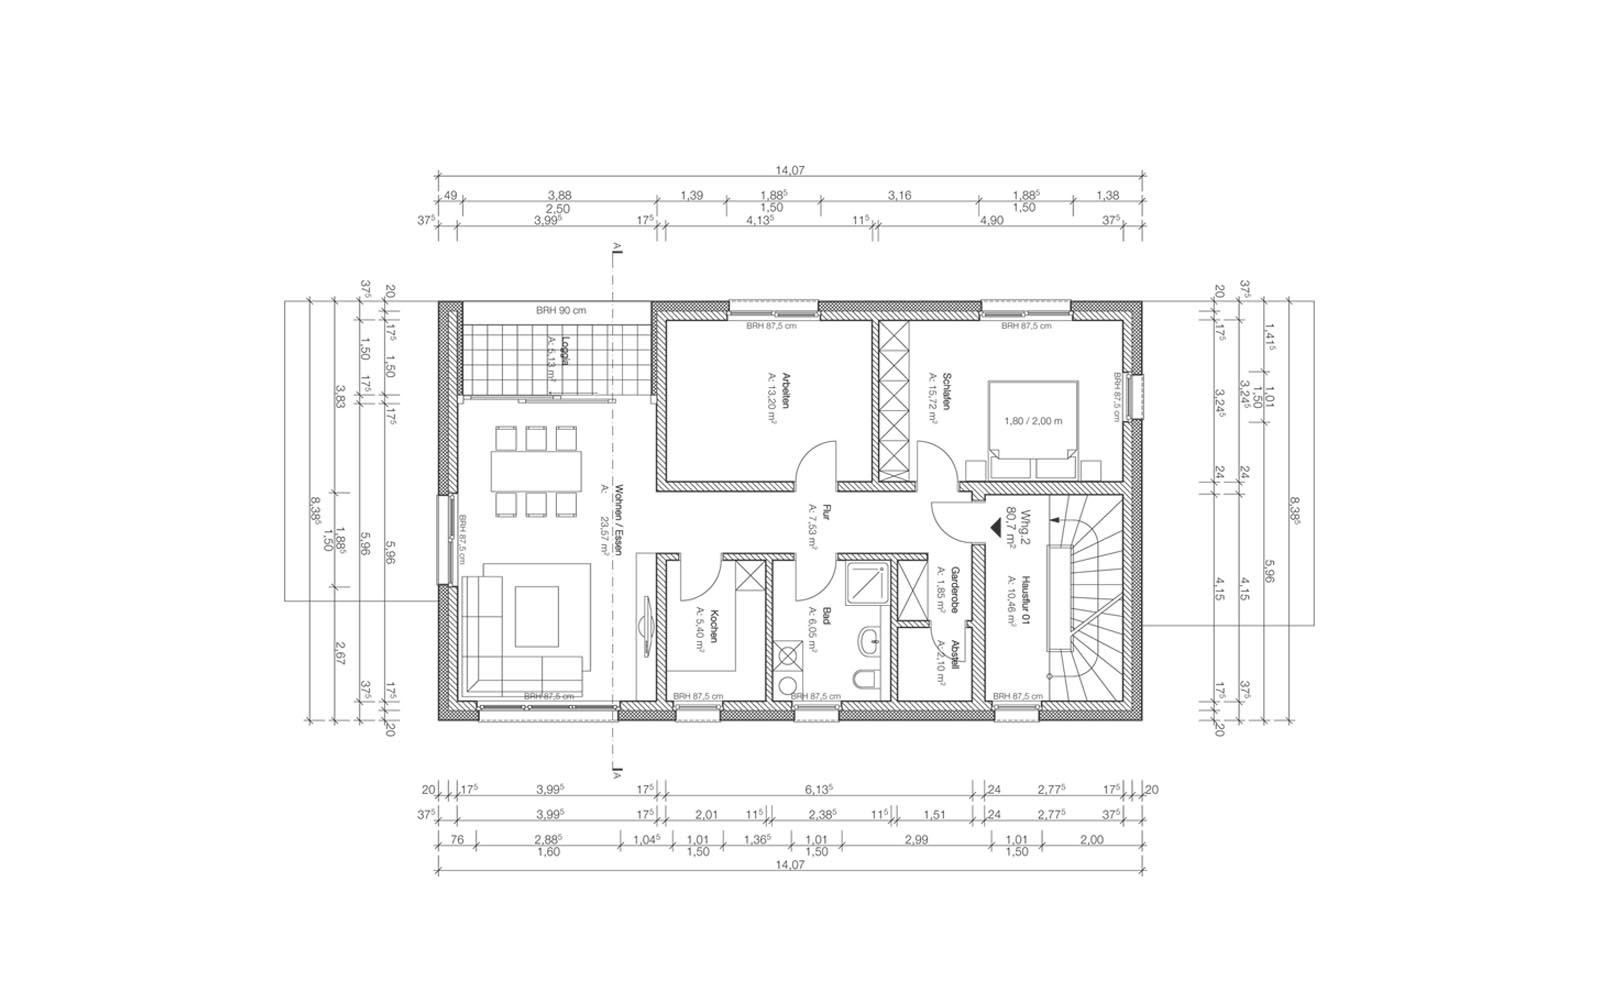 ZHS_SteinwegClausArchitekten_Mehrfamilienhaus_Muenster_Fensterfasche_00002